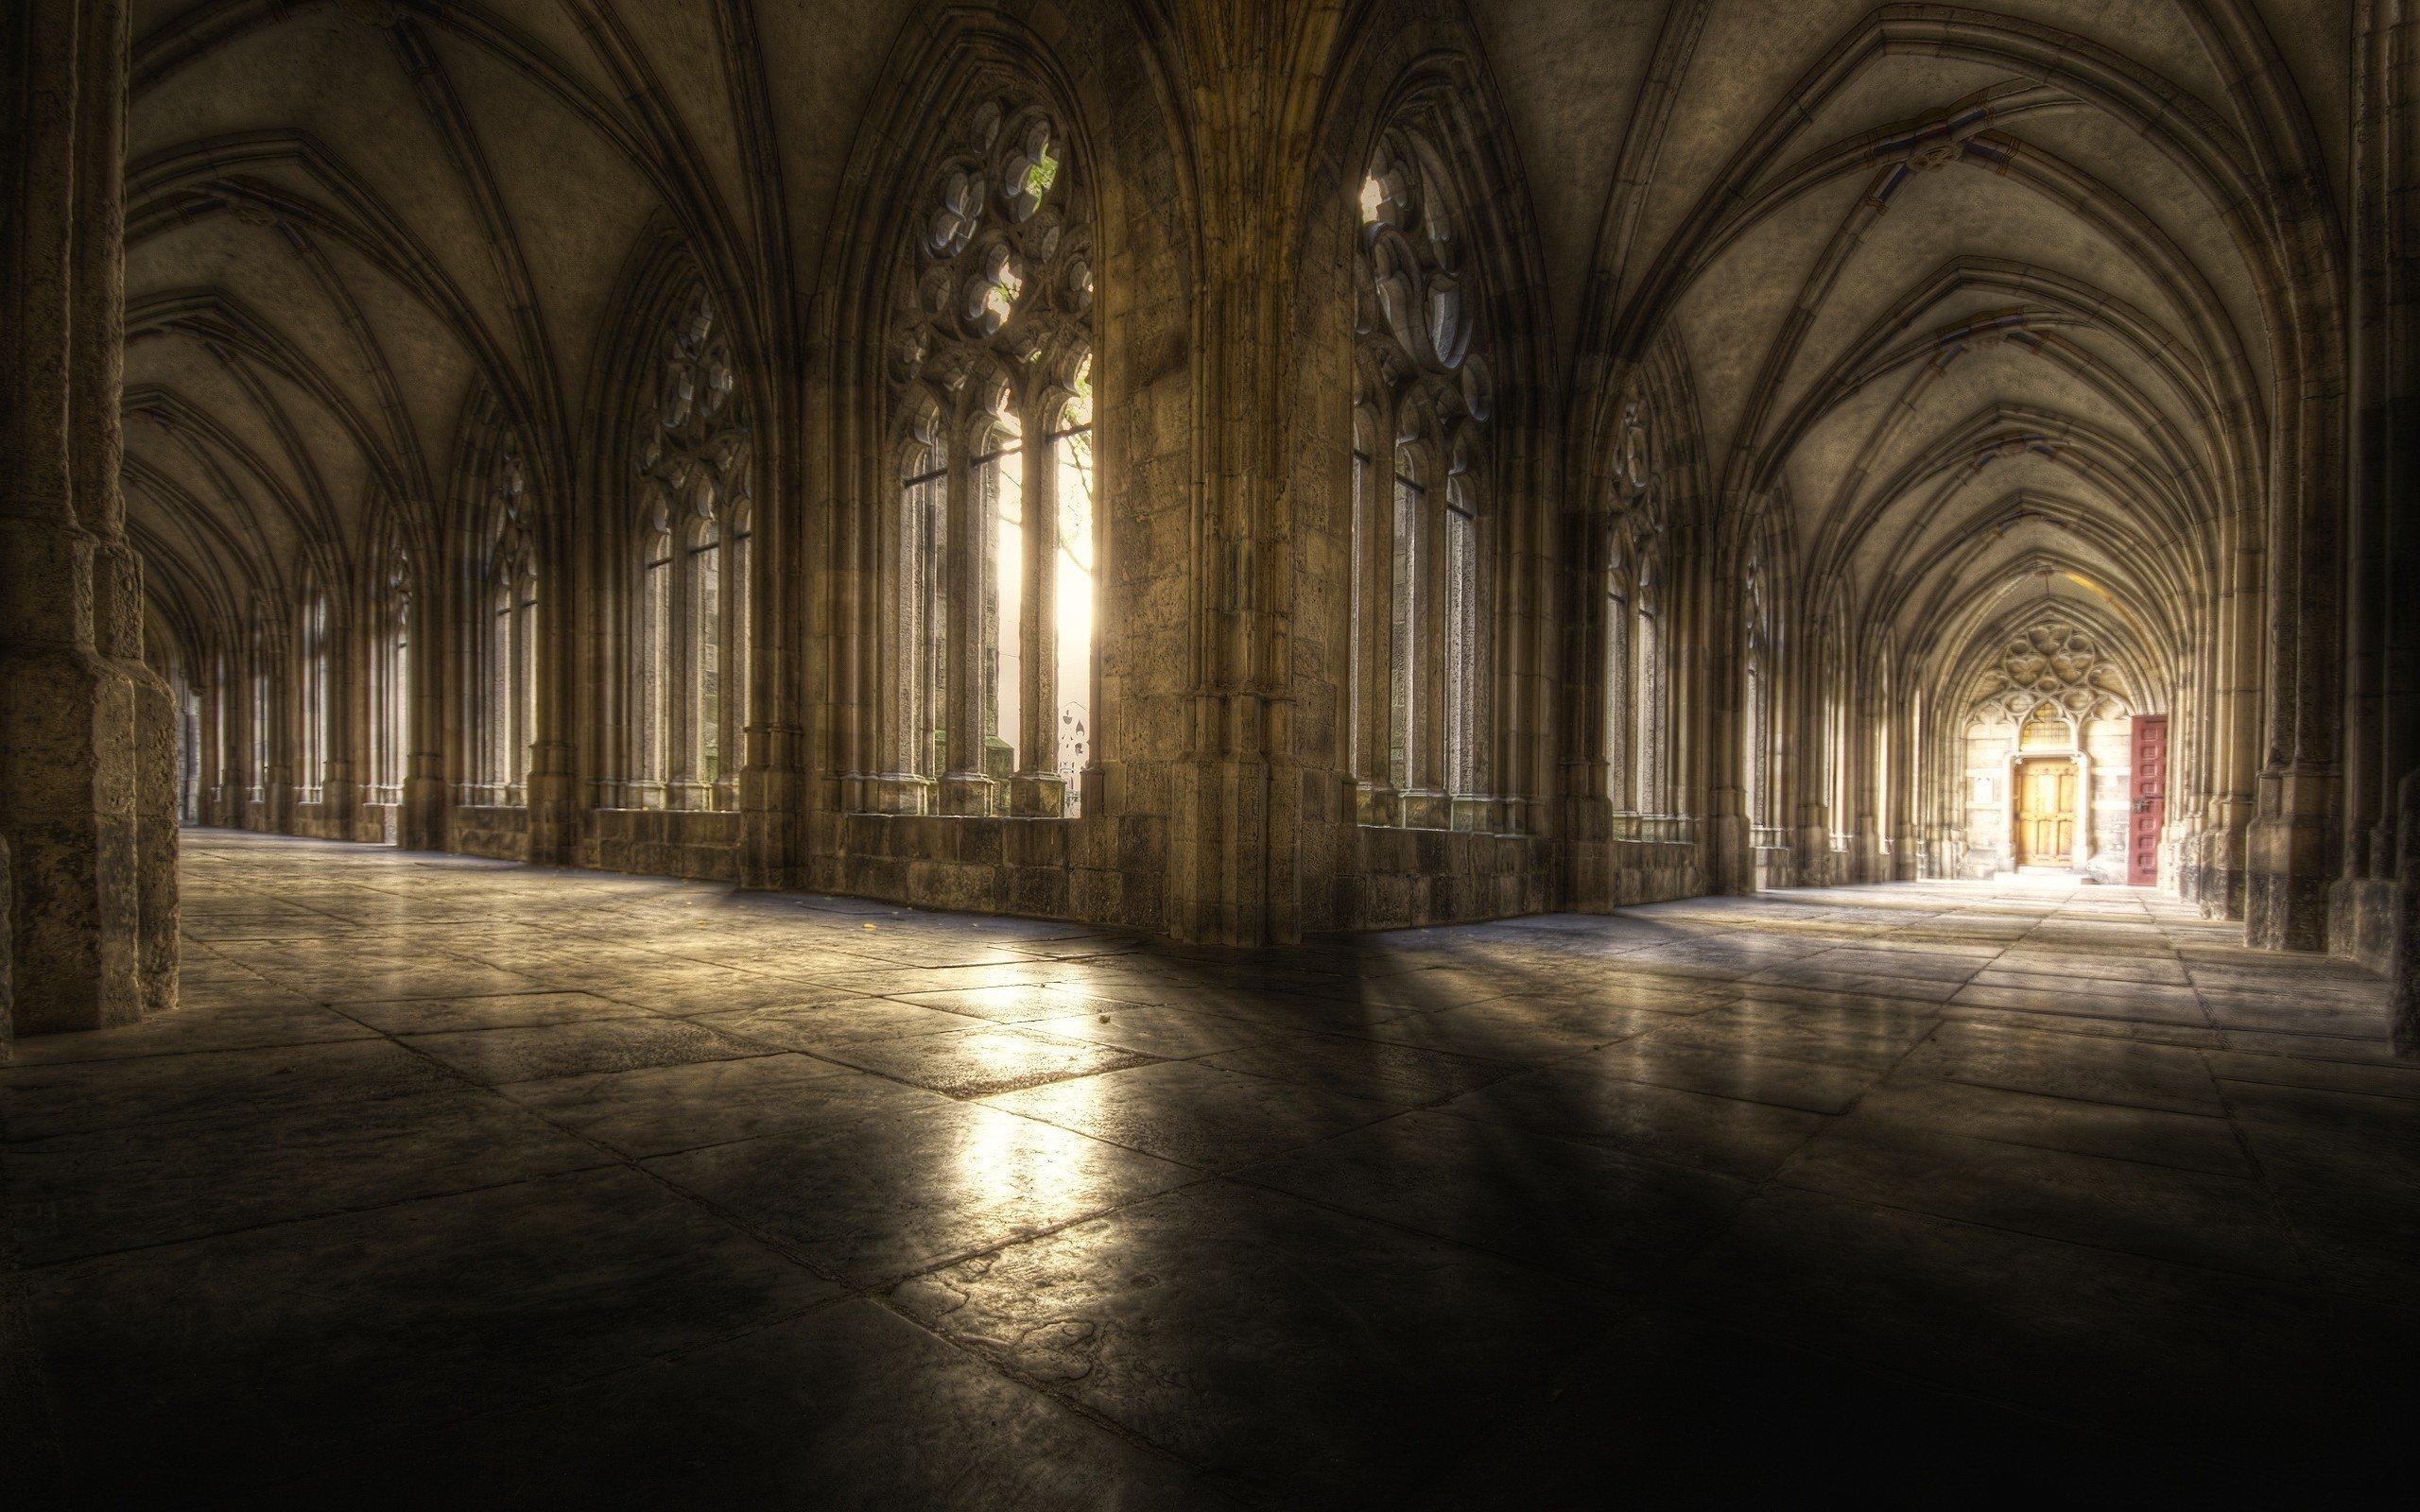 Cattedrali da visitare in Gran Bretagna